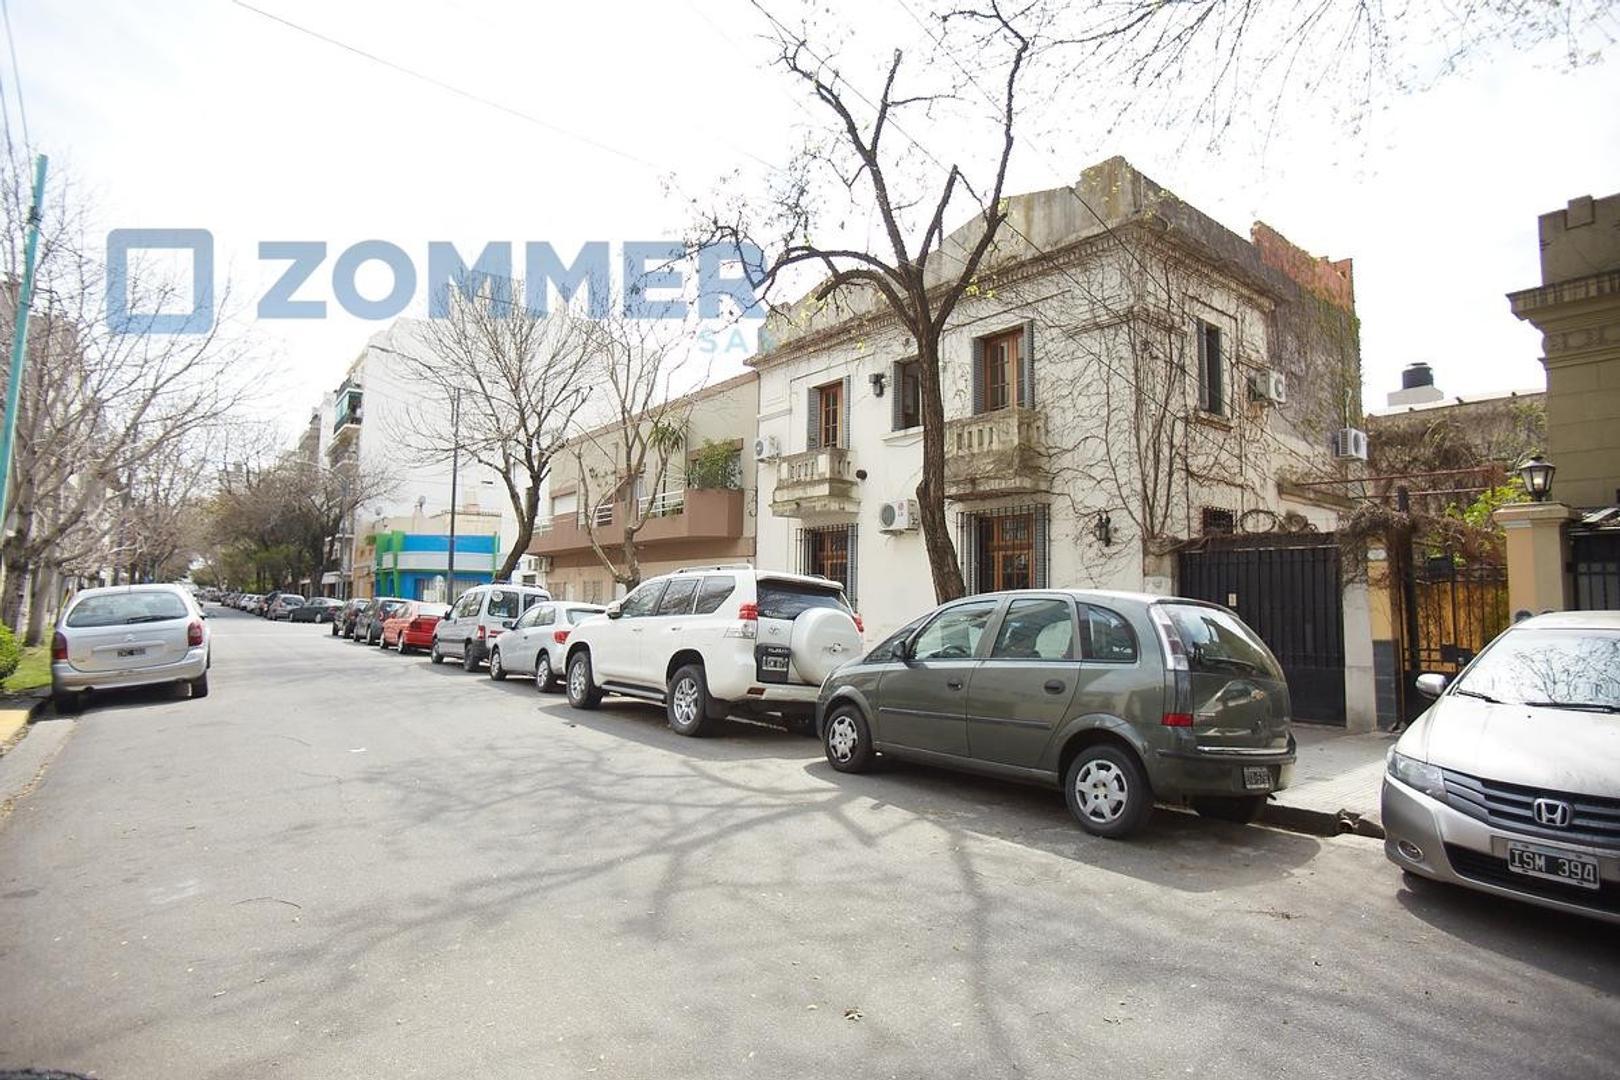 Grecia 3300, Casa de estilo MUCHA LUZ! Núñez cerca de la estacion - Foto 33